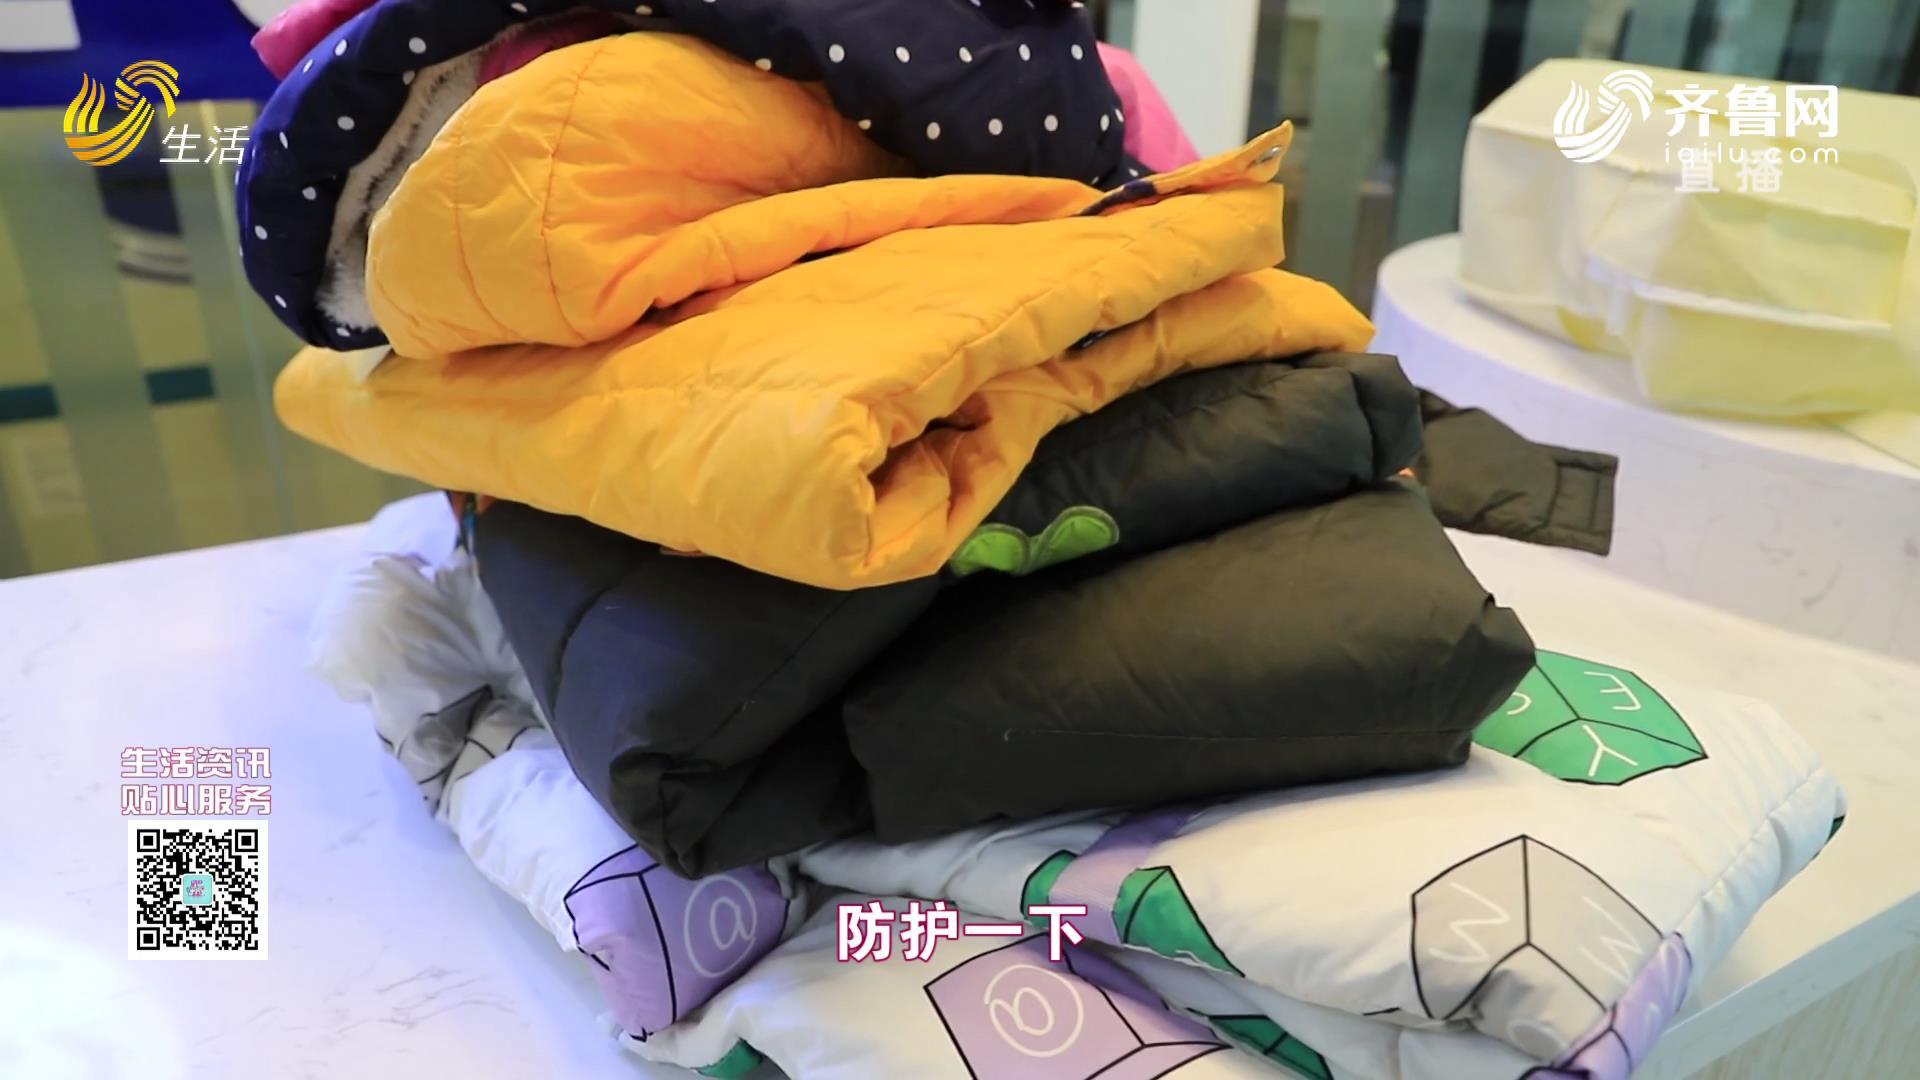 爱心企业助力 捐赠百万洗衣卡